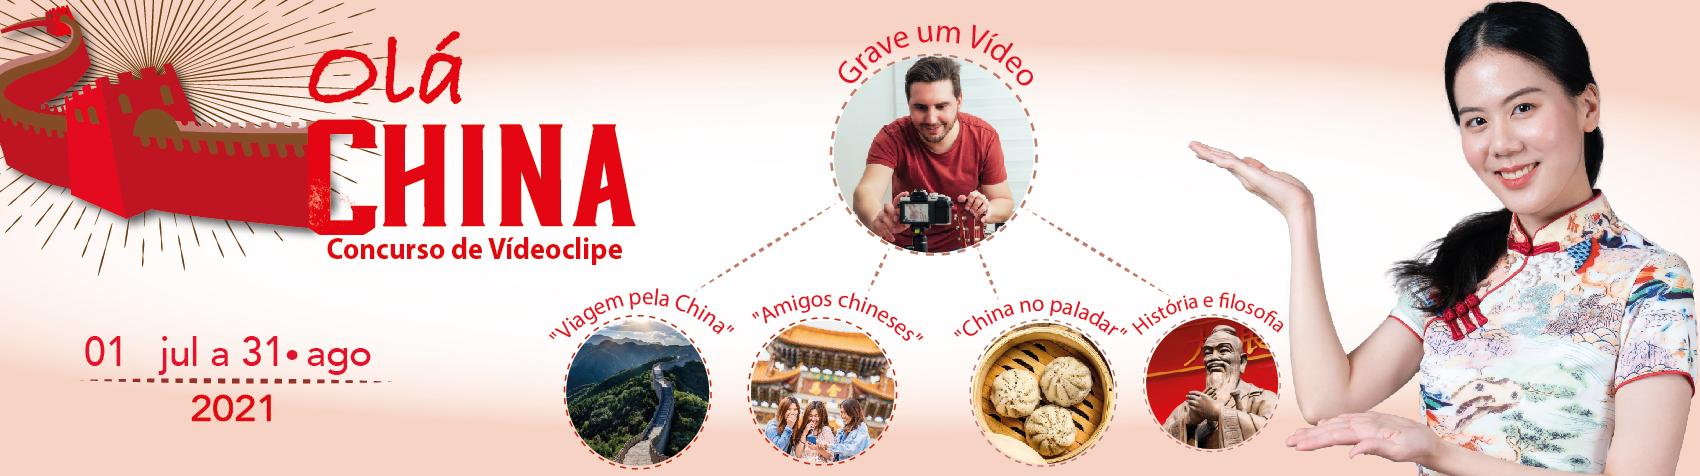 """Concurso de Vídeoclipe  """"Olá China!"""""""